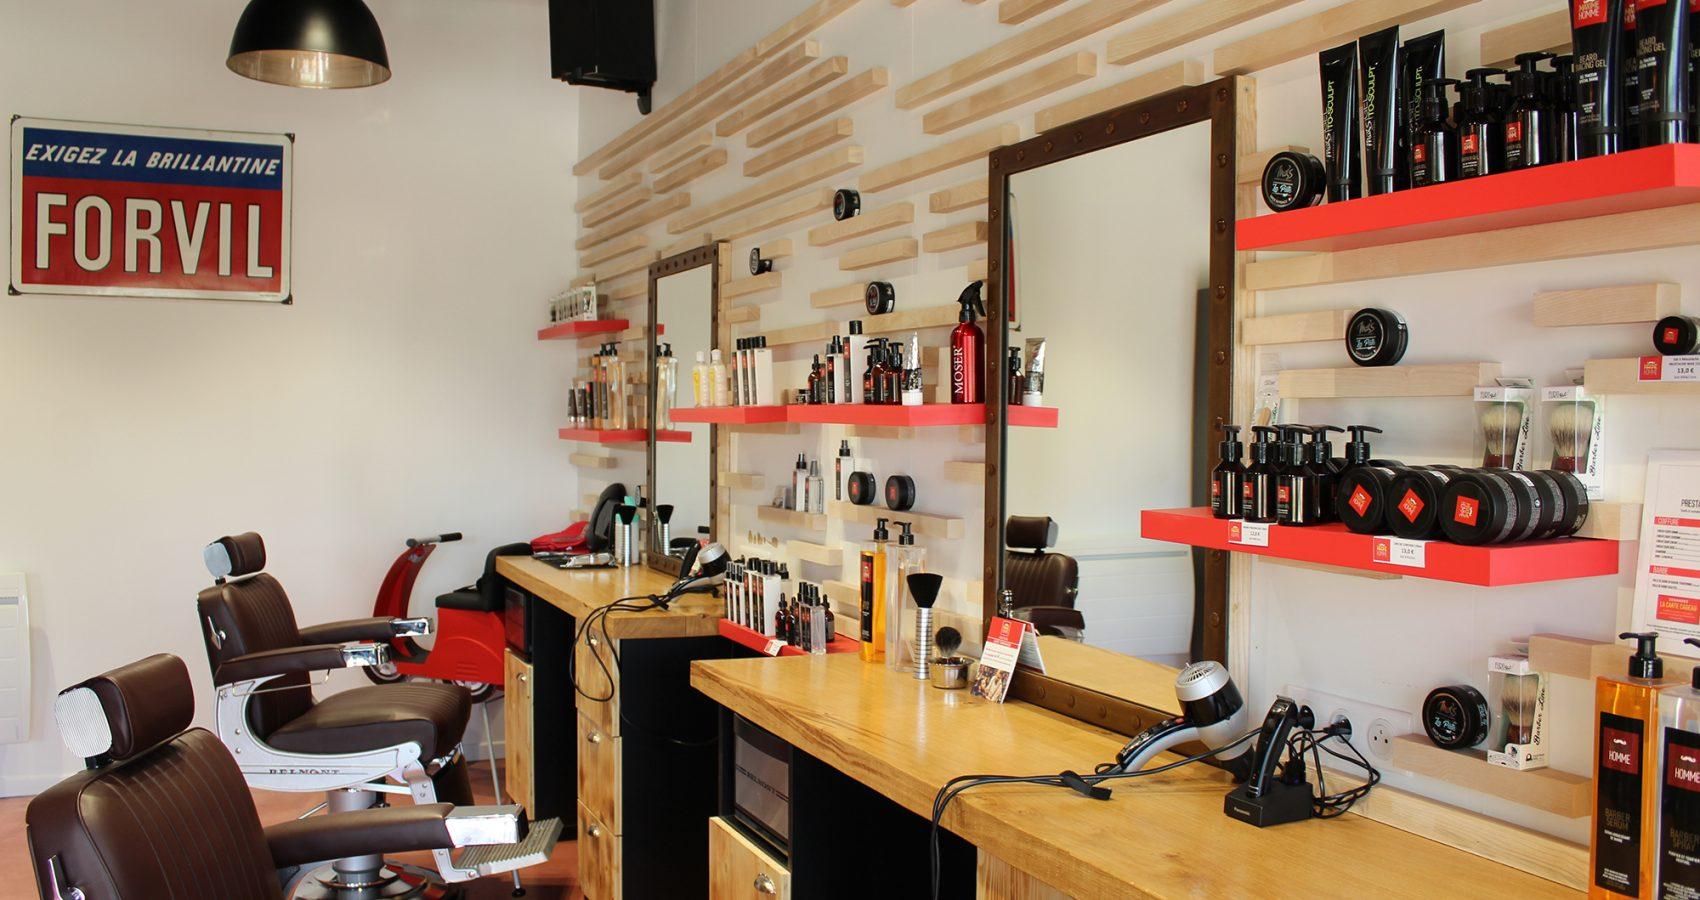 Maxime-homme-page-accueil-barbier-coiffeur-ambroise6